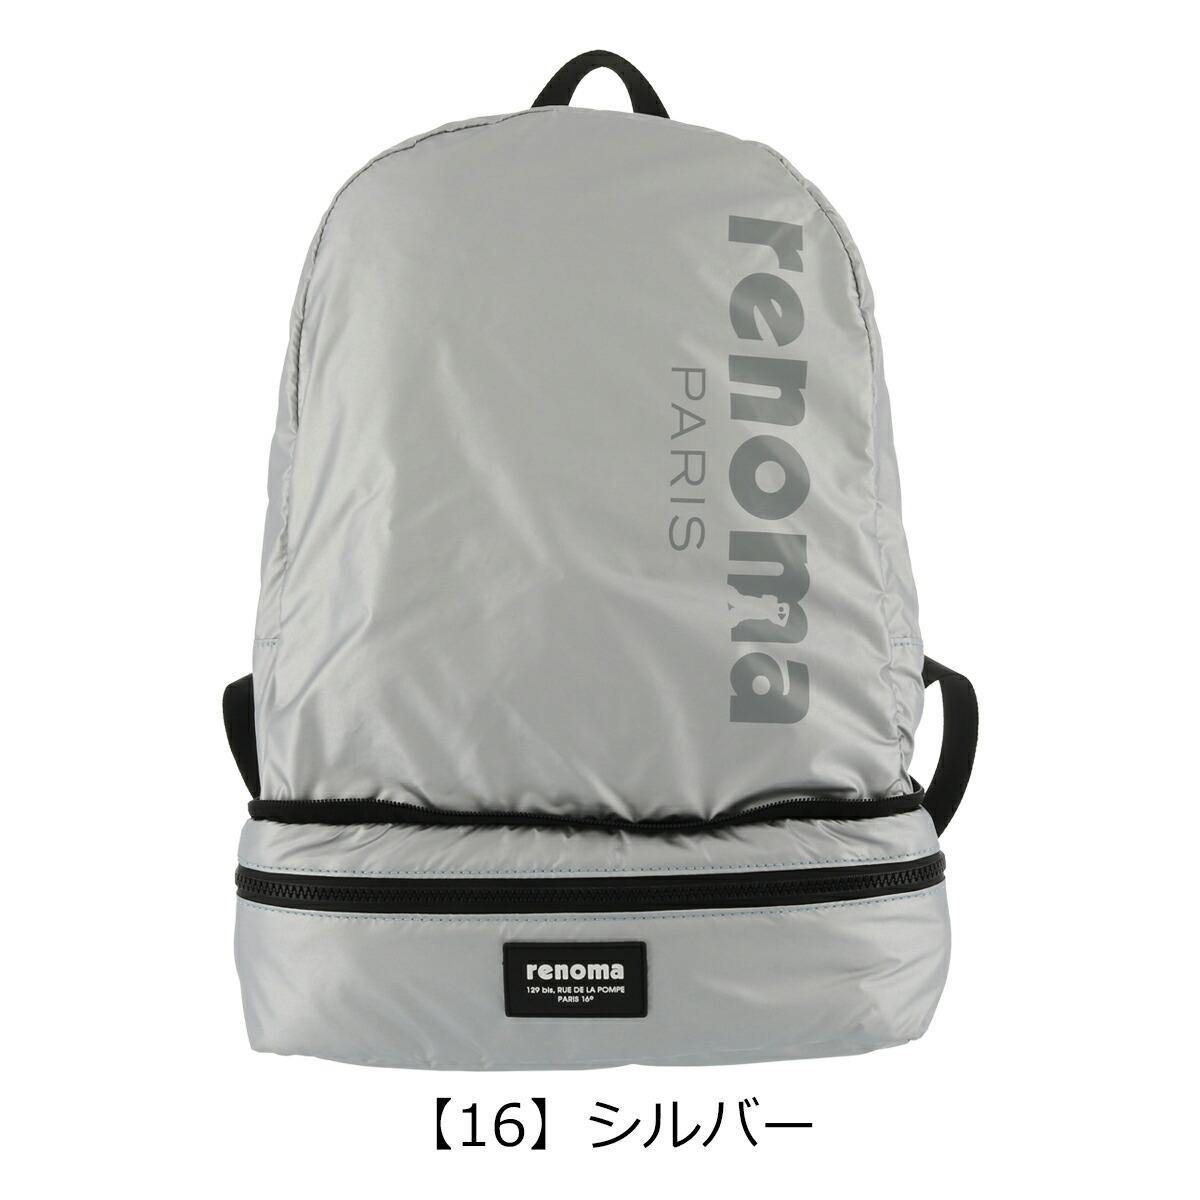 【16】シルバー